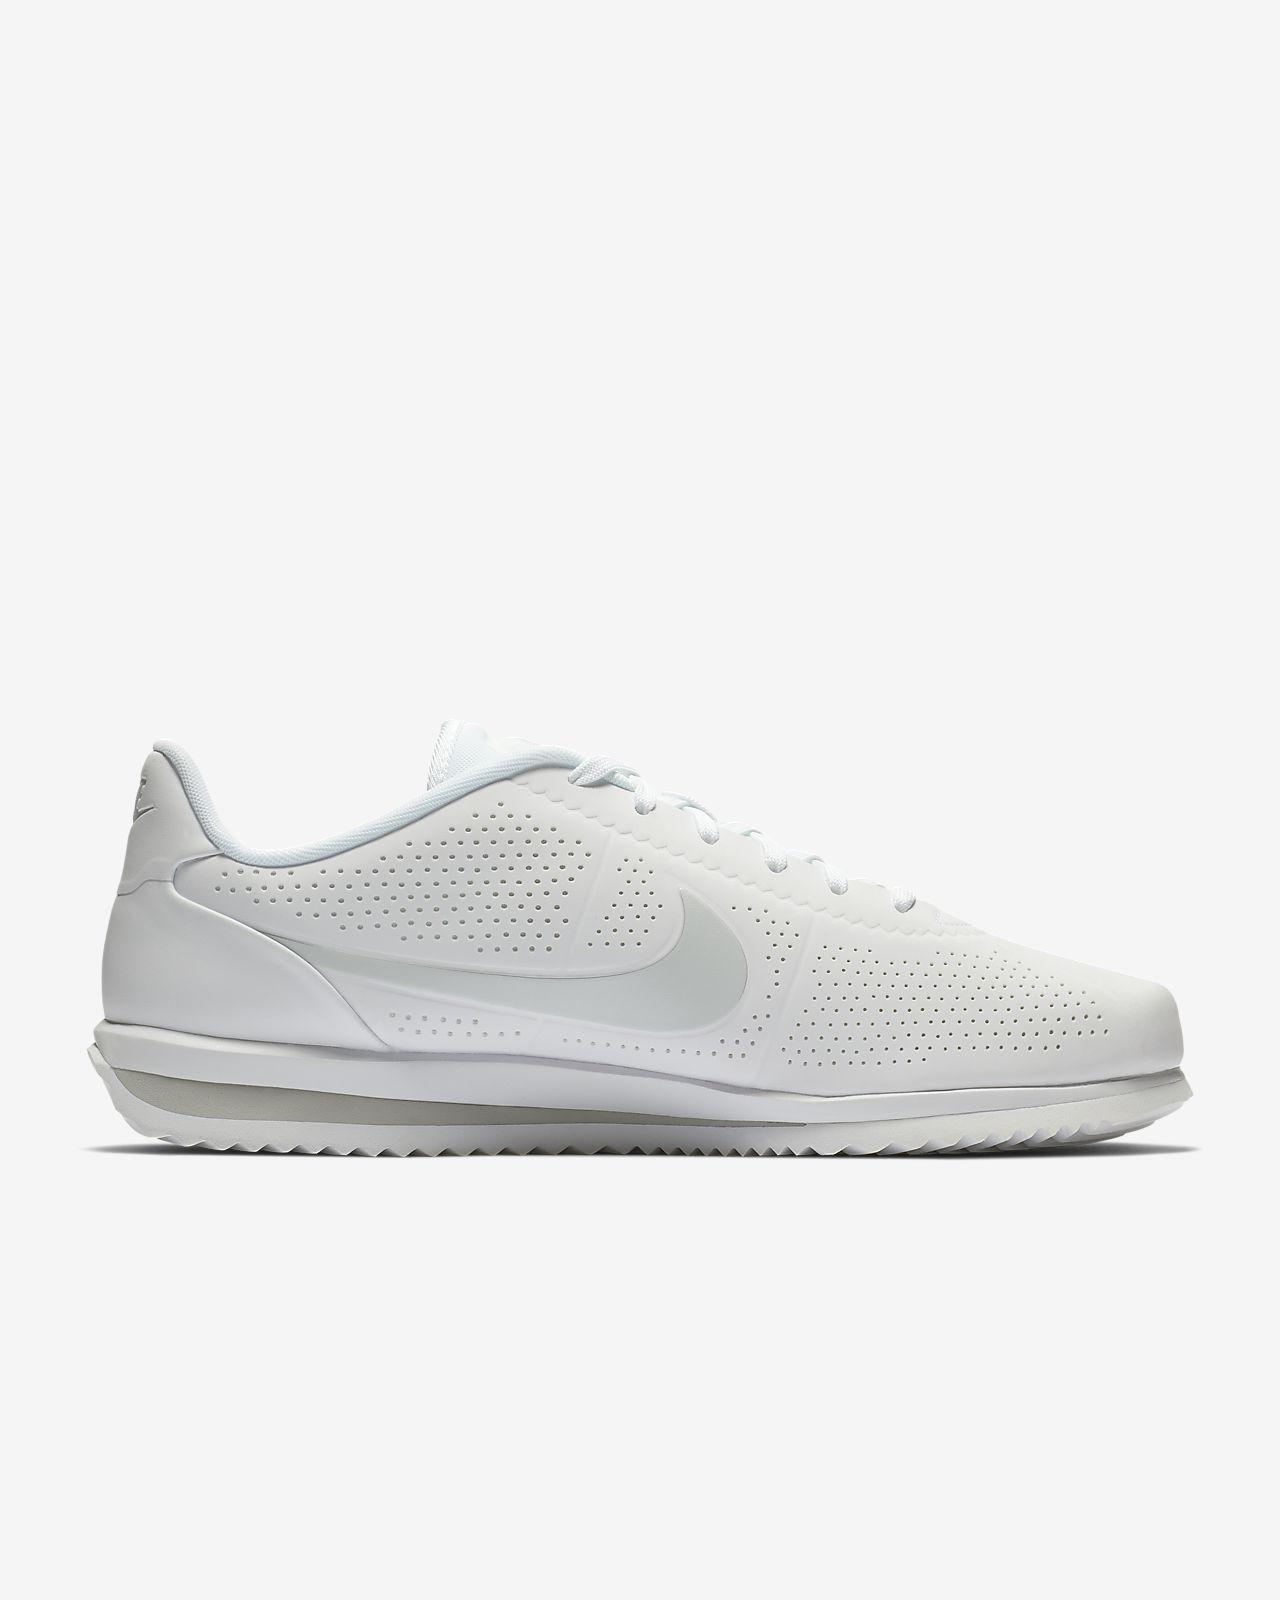 Tenis Nike Cortez Ultra Moire 2019 Black White Tienda de